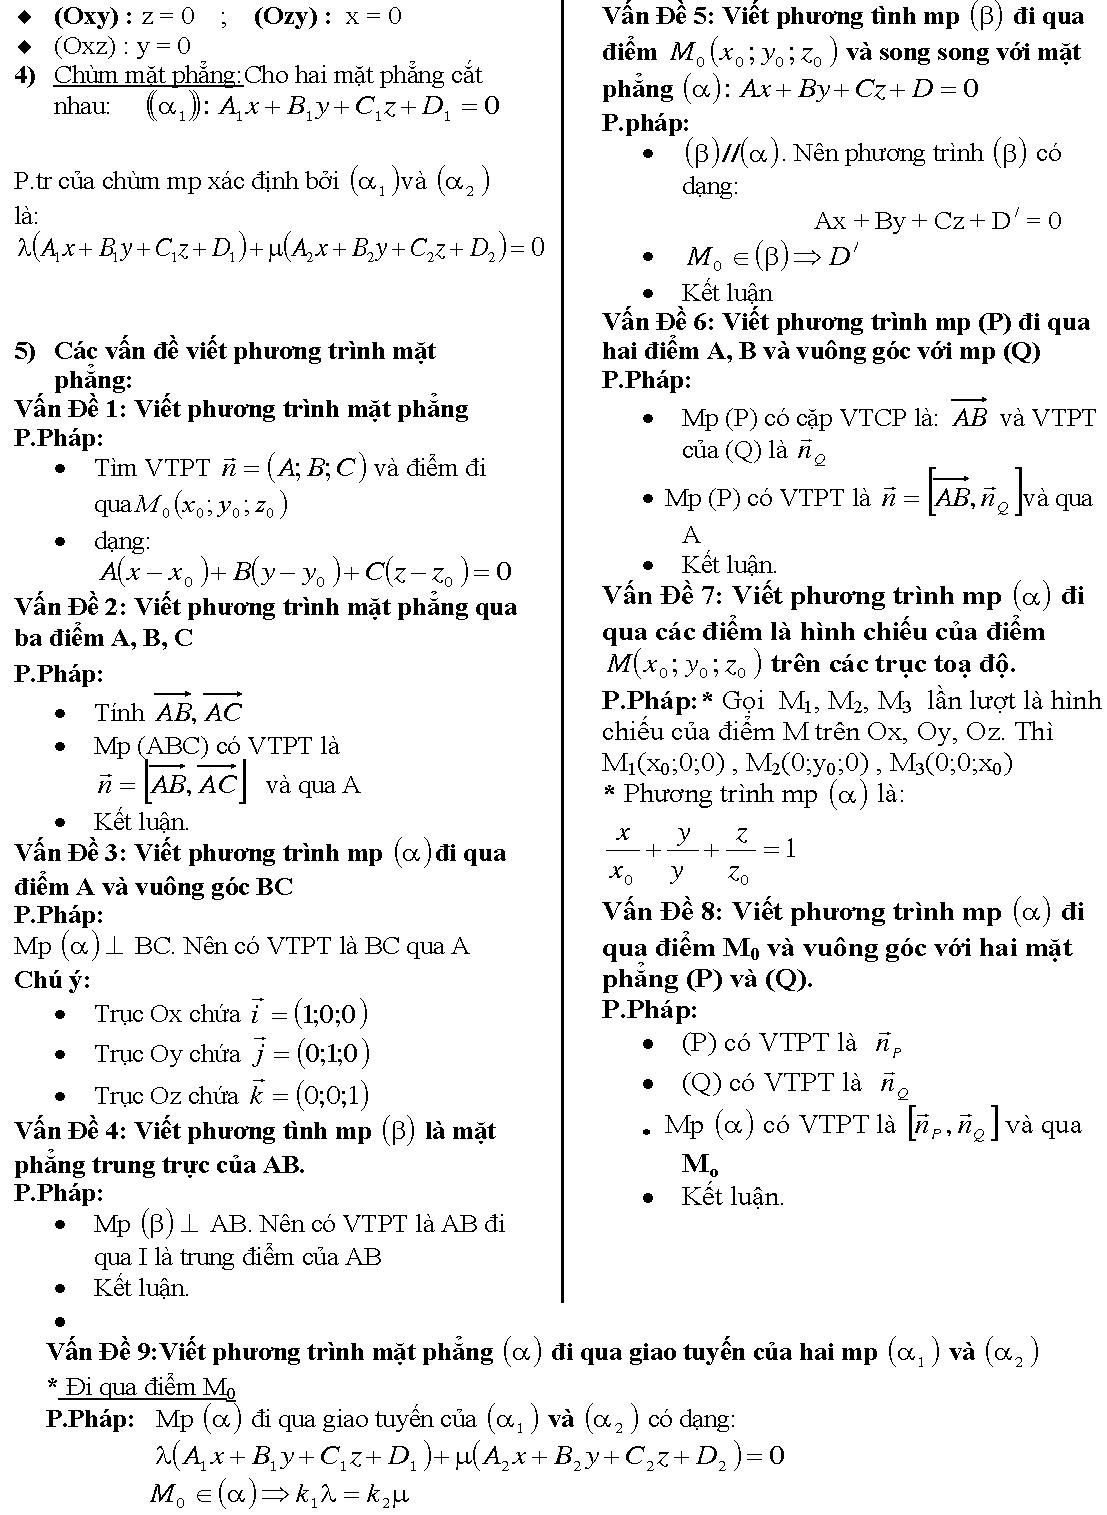 29 công thức hình học không gian (5).png